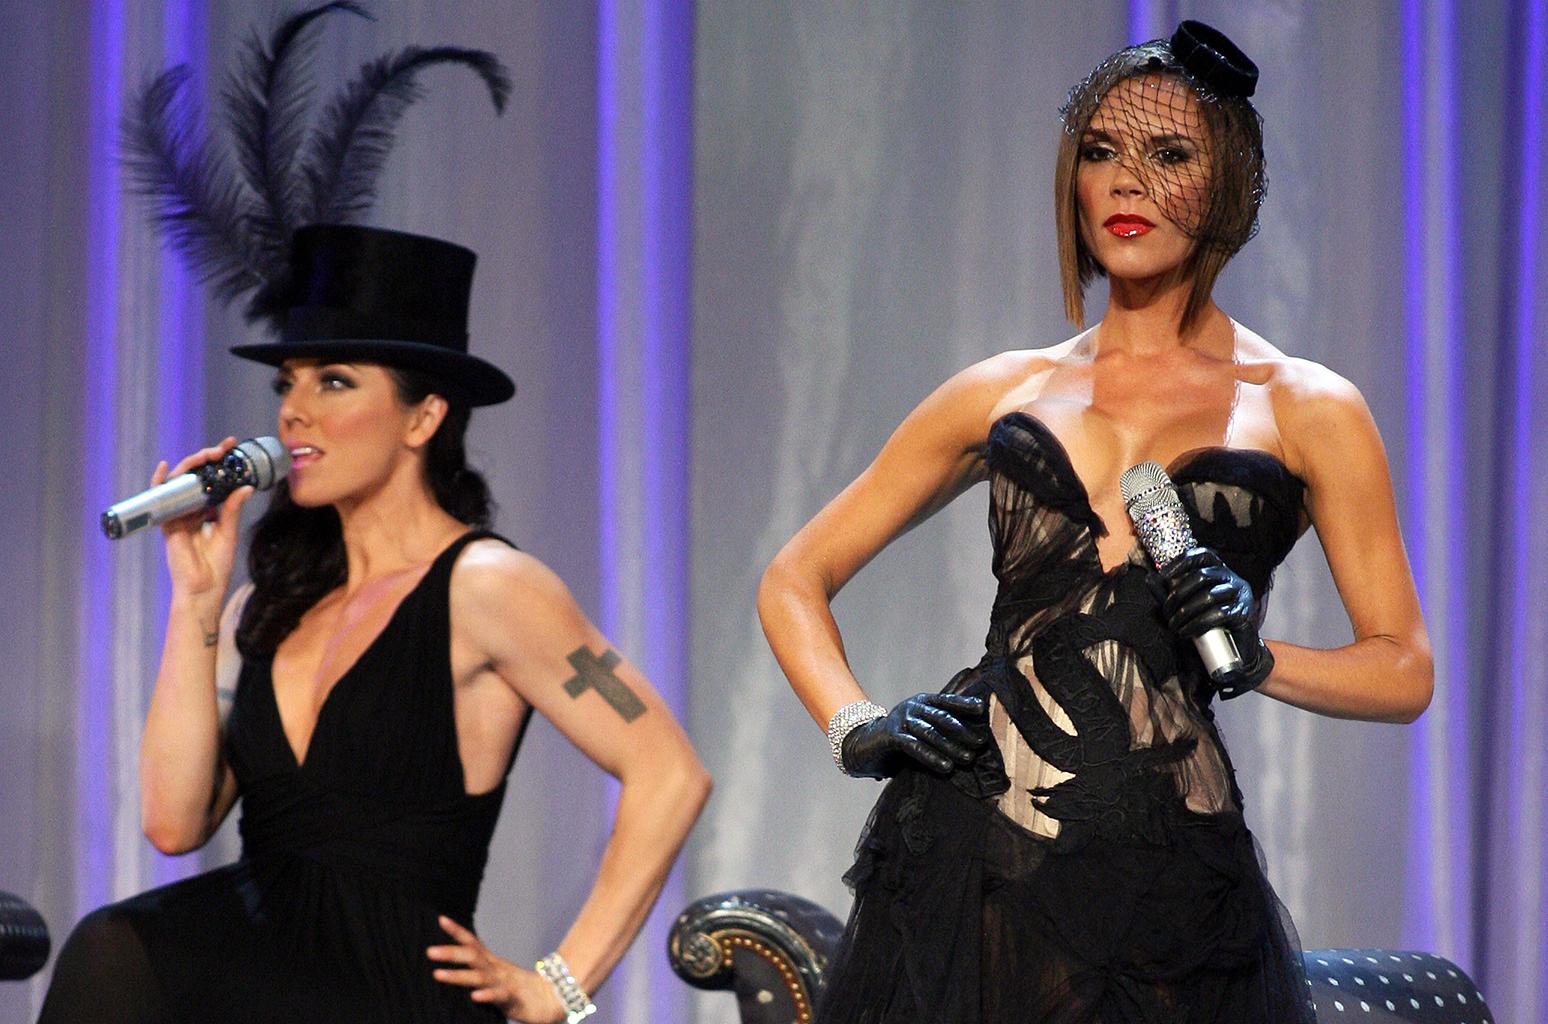 Spice Girls Victoria Beckham & Mel C Sing '2 Become 1': Video | Billboard